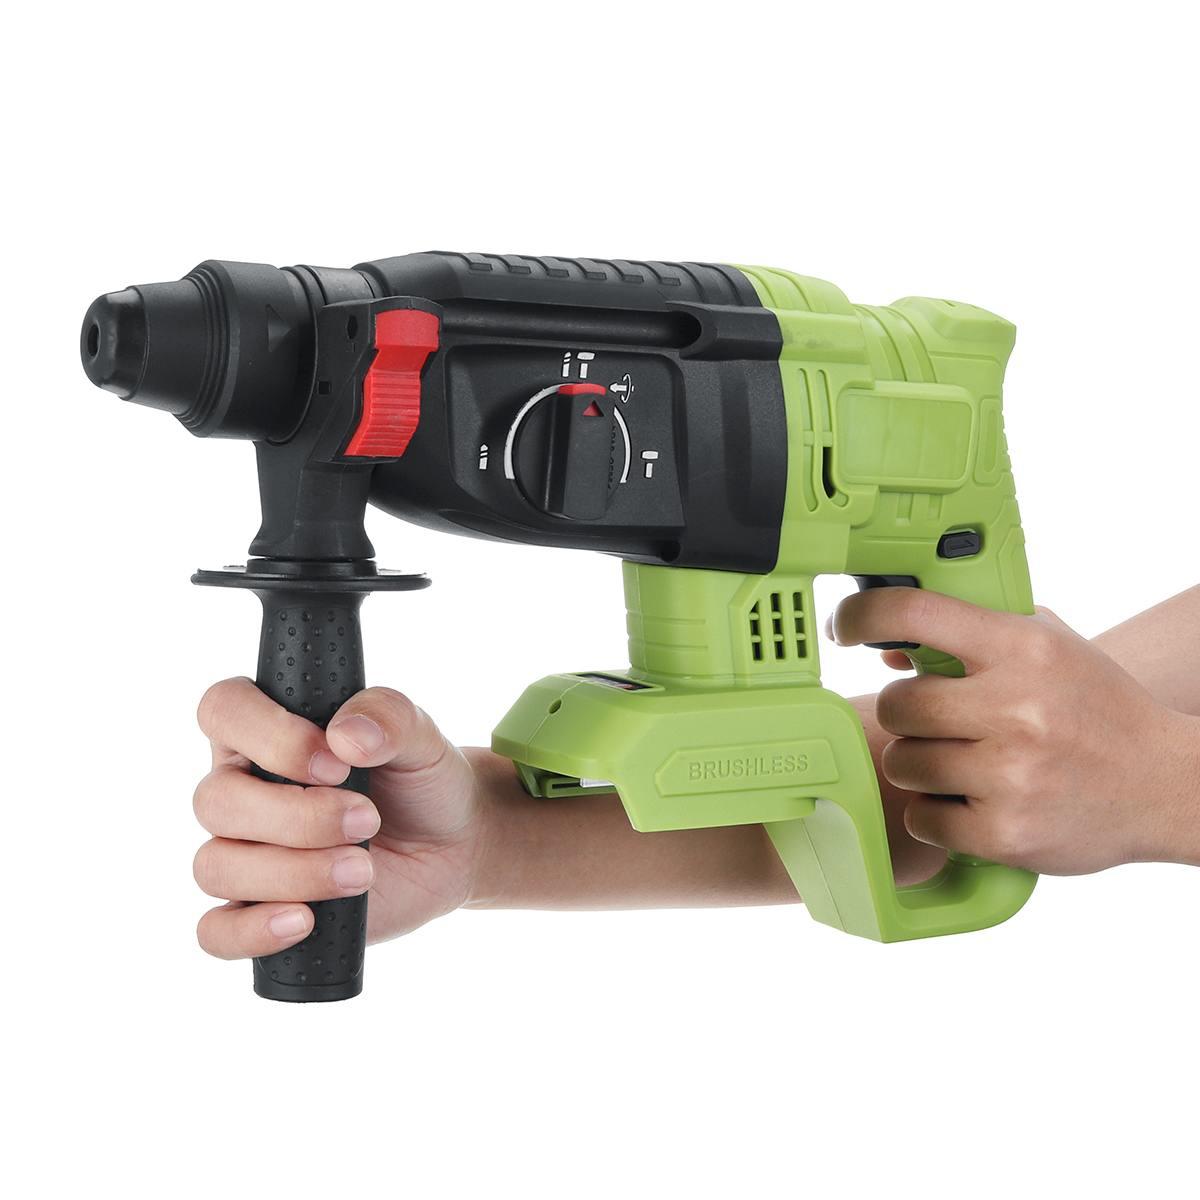 Brushless Electric Hammer Cordless Hammer Drill 1200W Concrete Breaker Punch Jackhammer Power Drill Tool For Makita 18V Battery